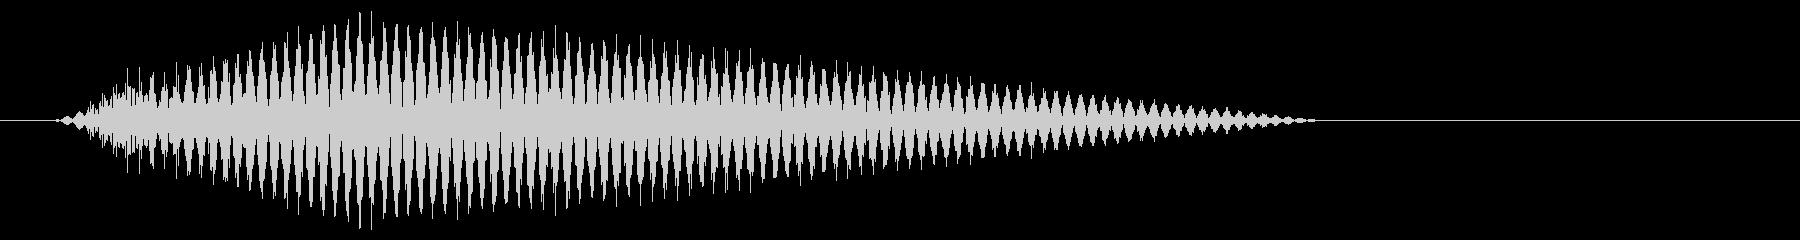 ワープっぽいイメージですの未再生の波形